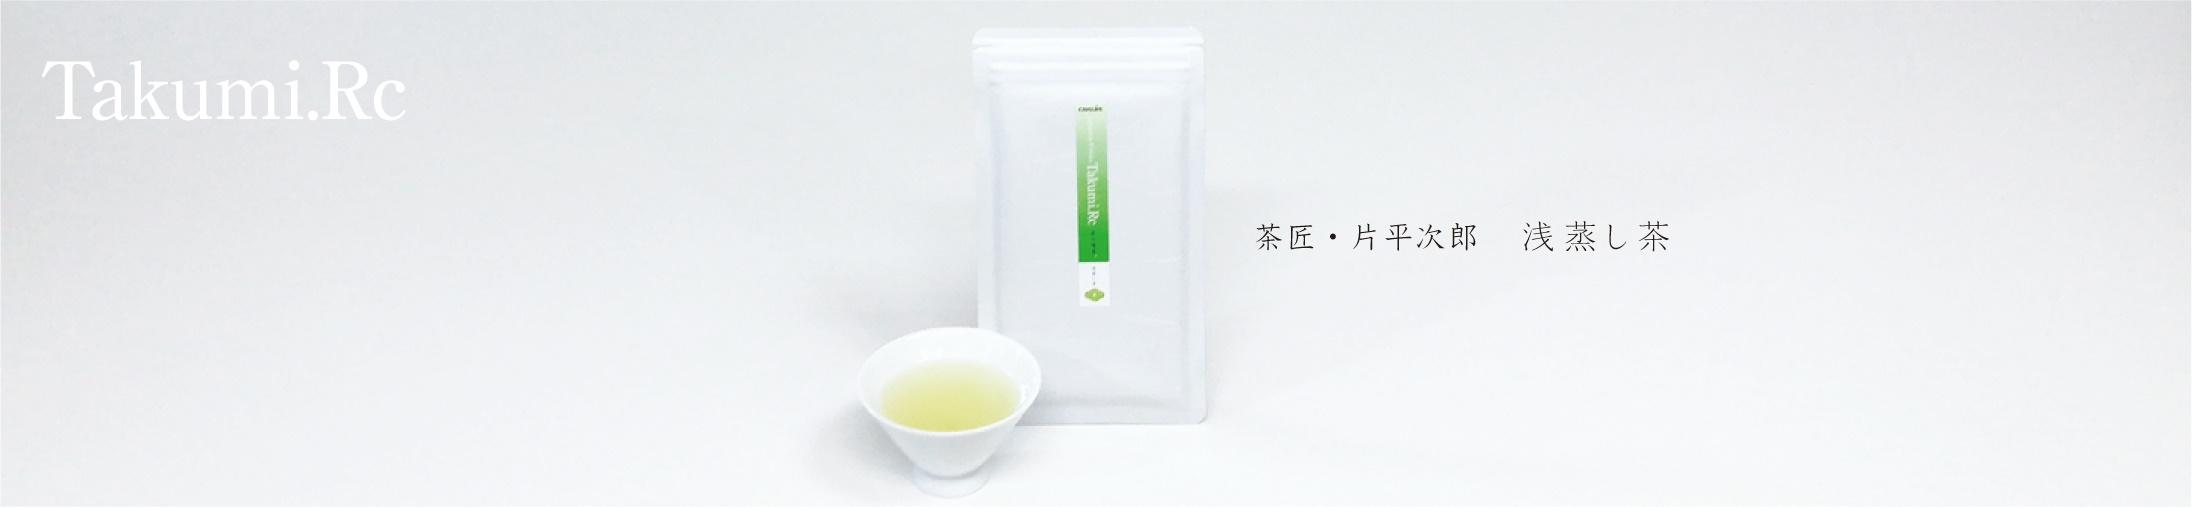 匠の緑茶 浅蒸し茶